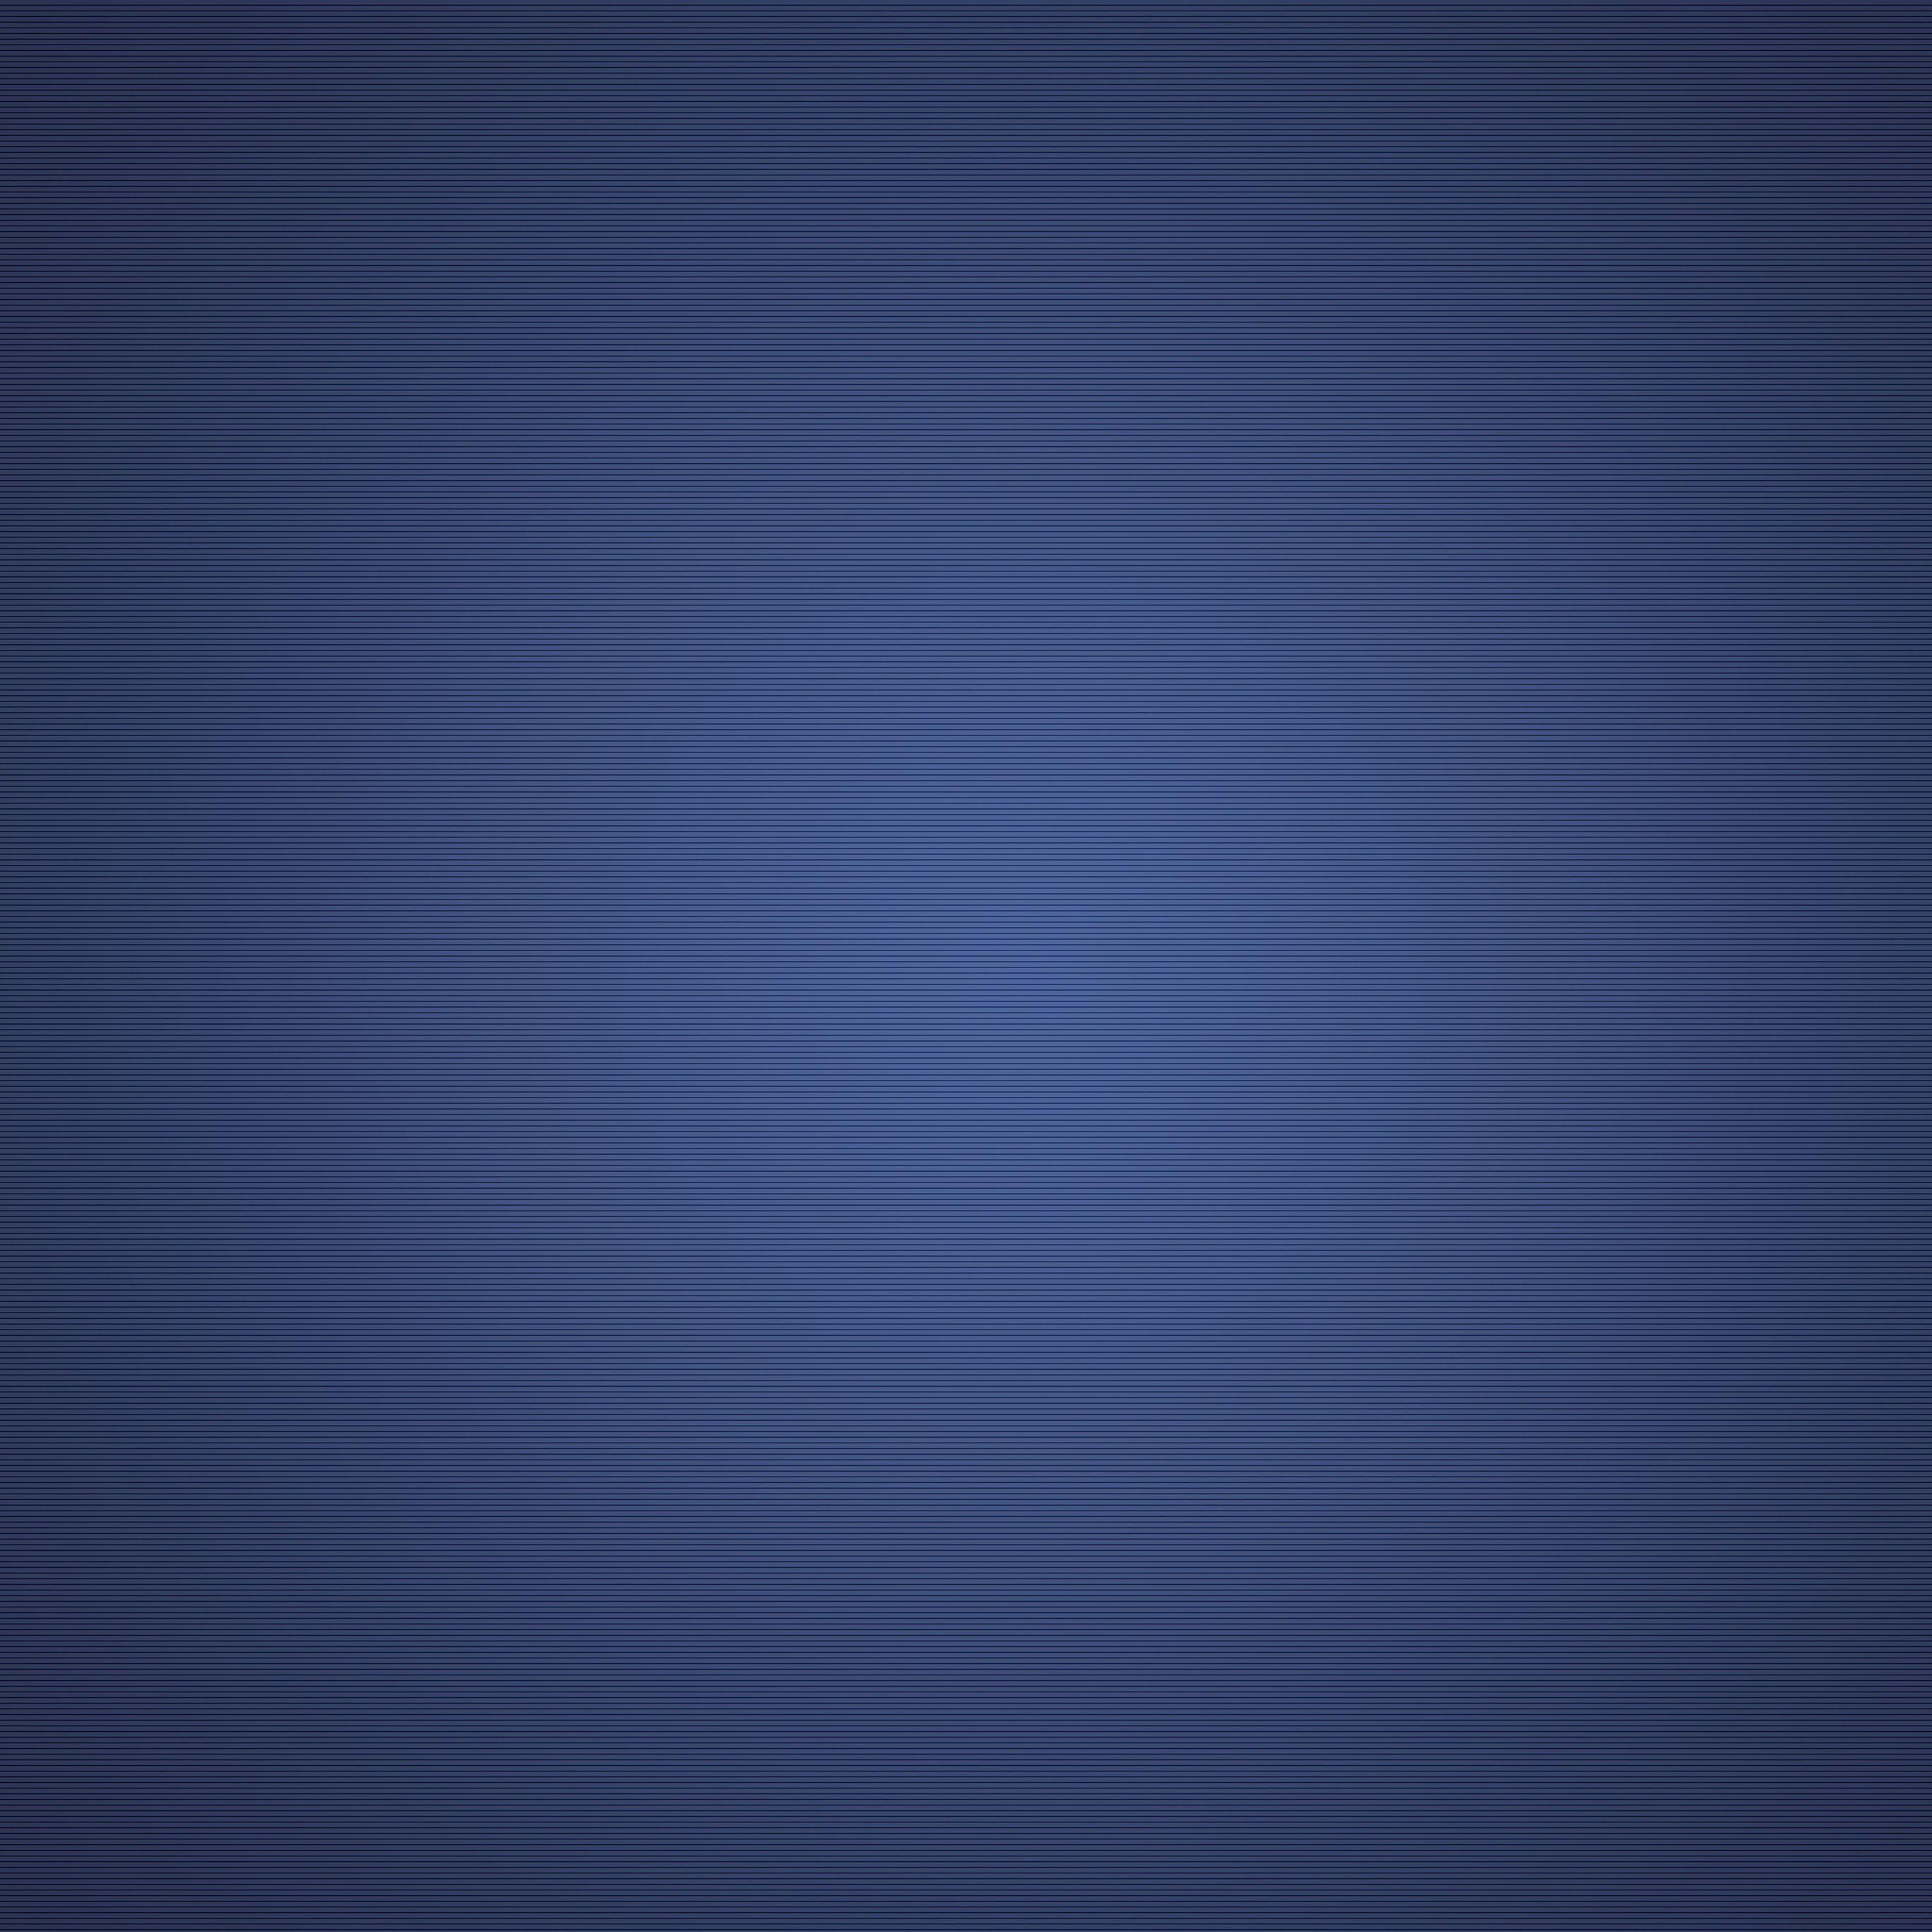 Blue Gradient 03 iPad Pro Wallpaper iPad Pro & Others